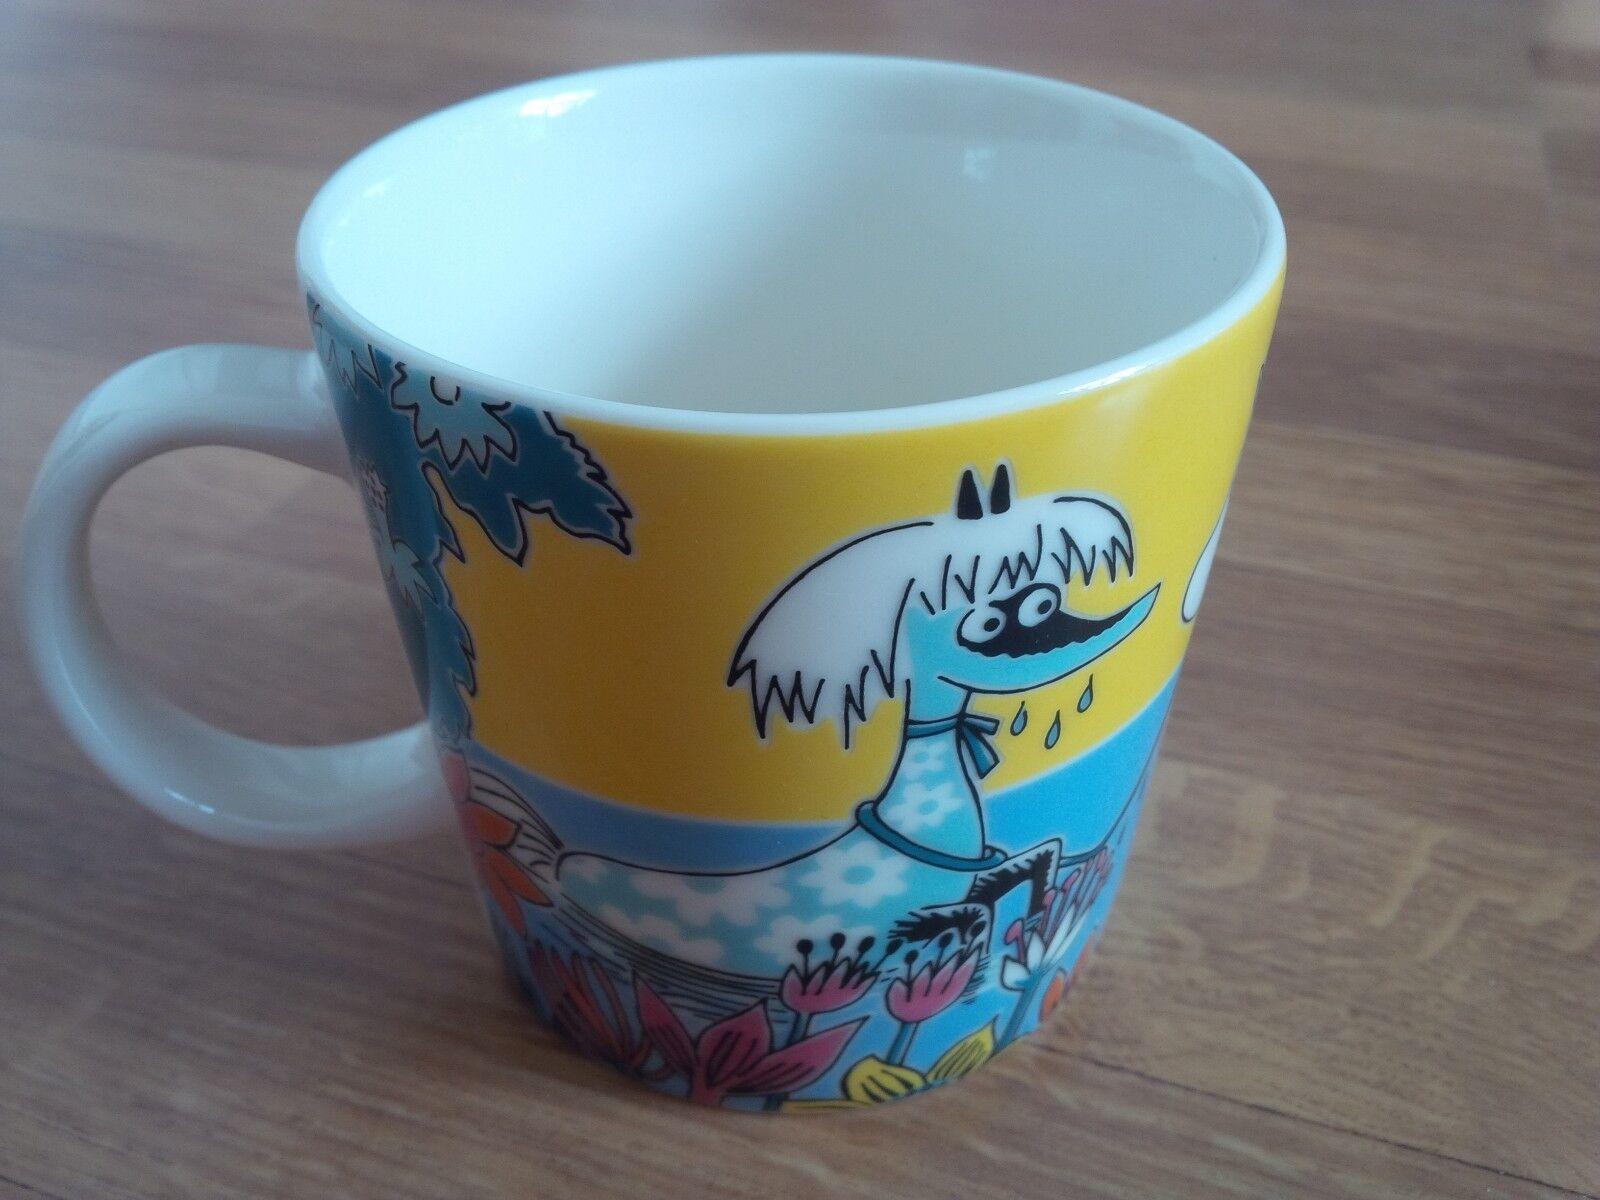 Moomin Tasse Gobelet Primafemmes's Horse d'été Summer 2012 Muumi Moomin Mug LTD ED